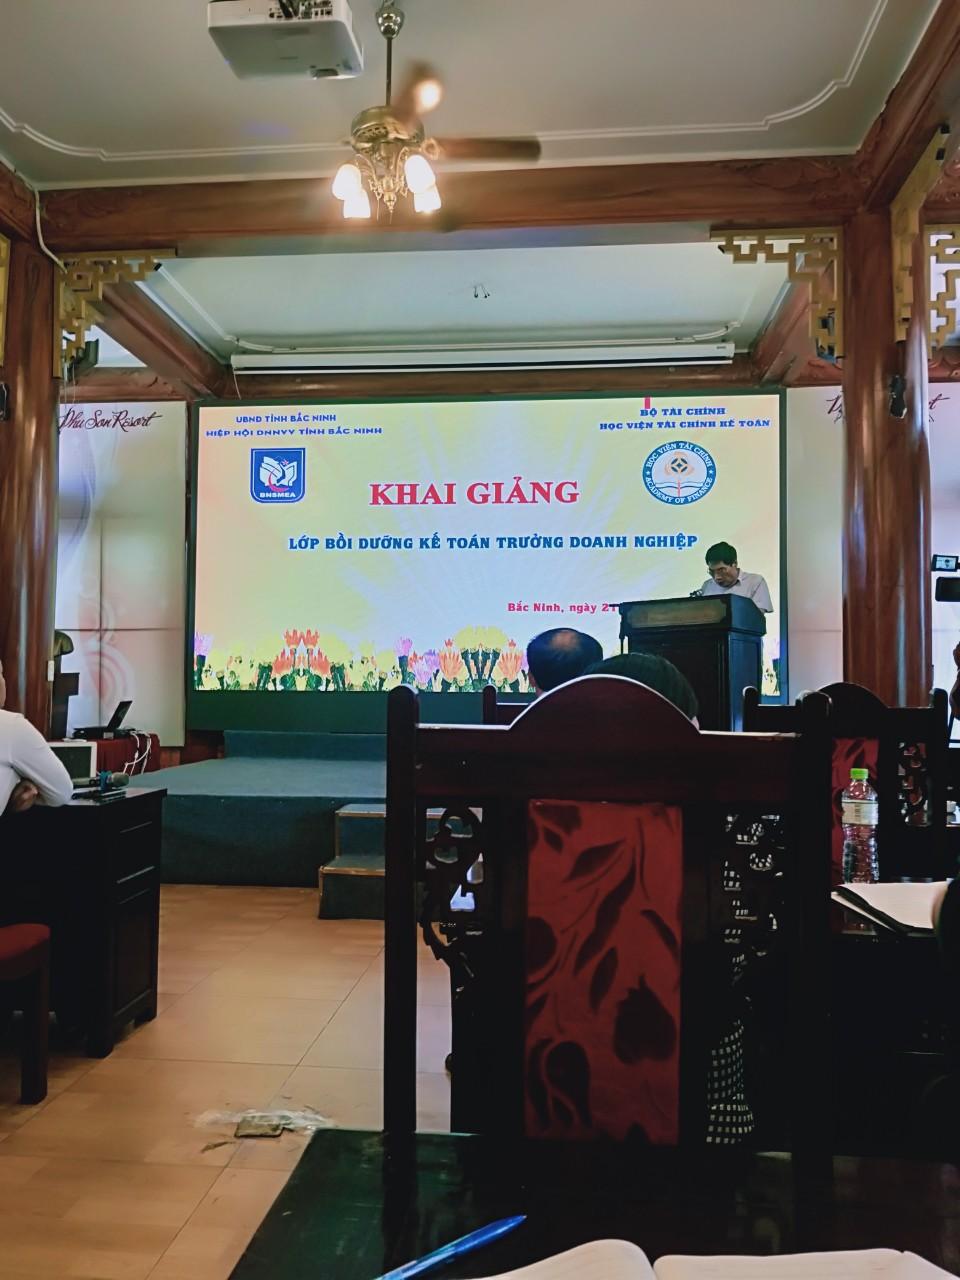 Hiệp hội DNNVV tỉnh Bắc Ninh khai giảng lớp bồi dưỡng Kế toán trưởng doanh nghiệp năm 2019